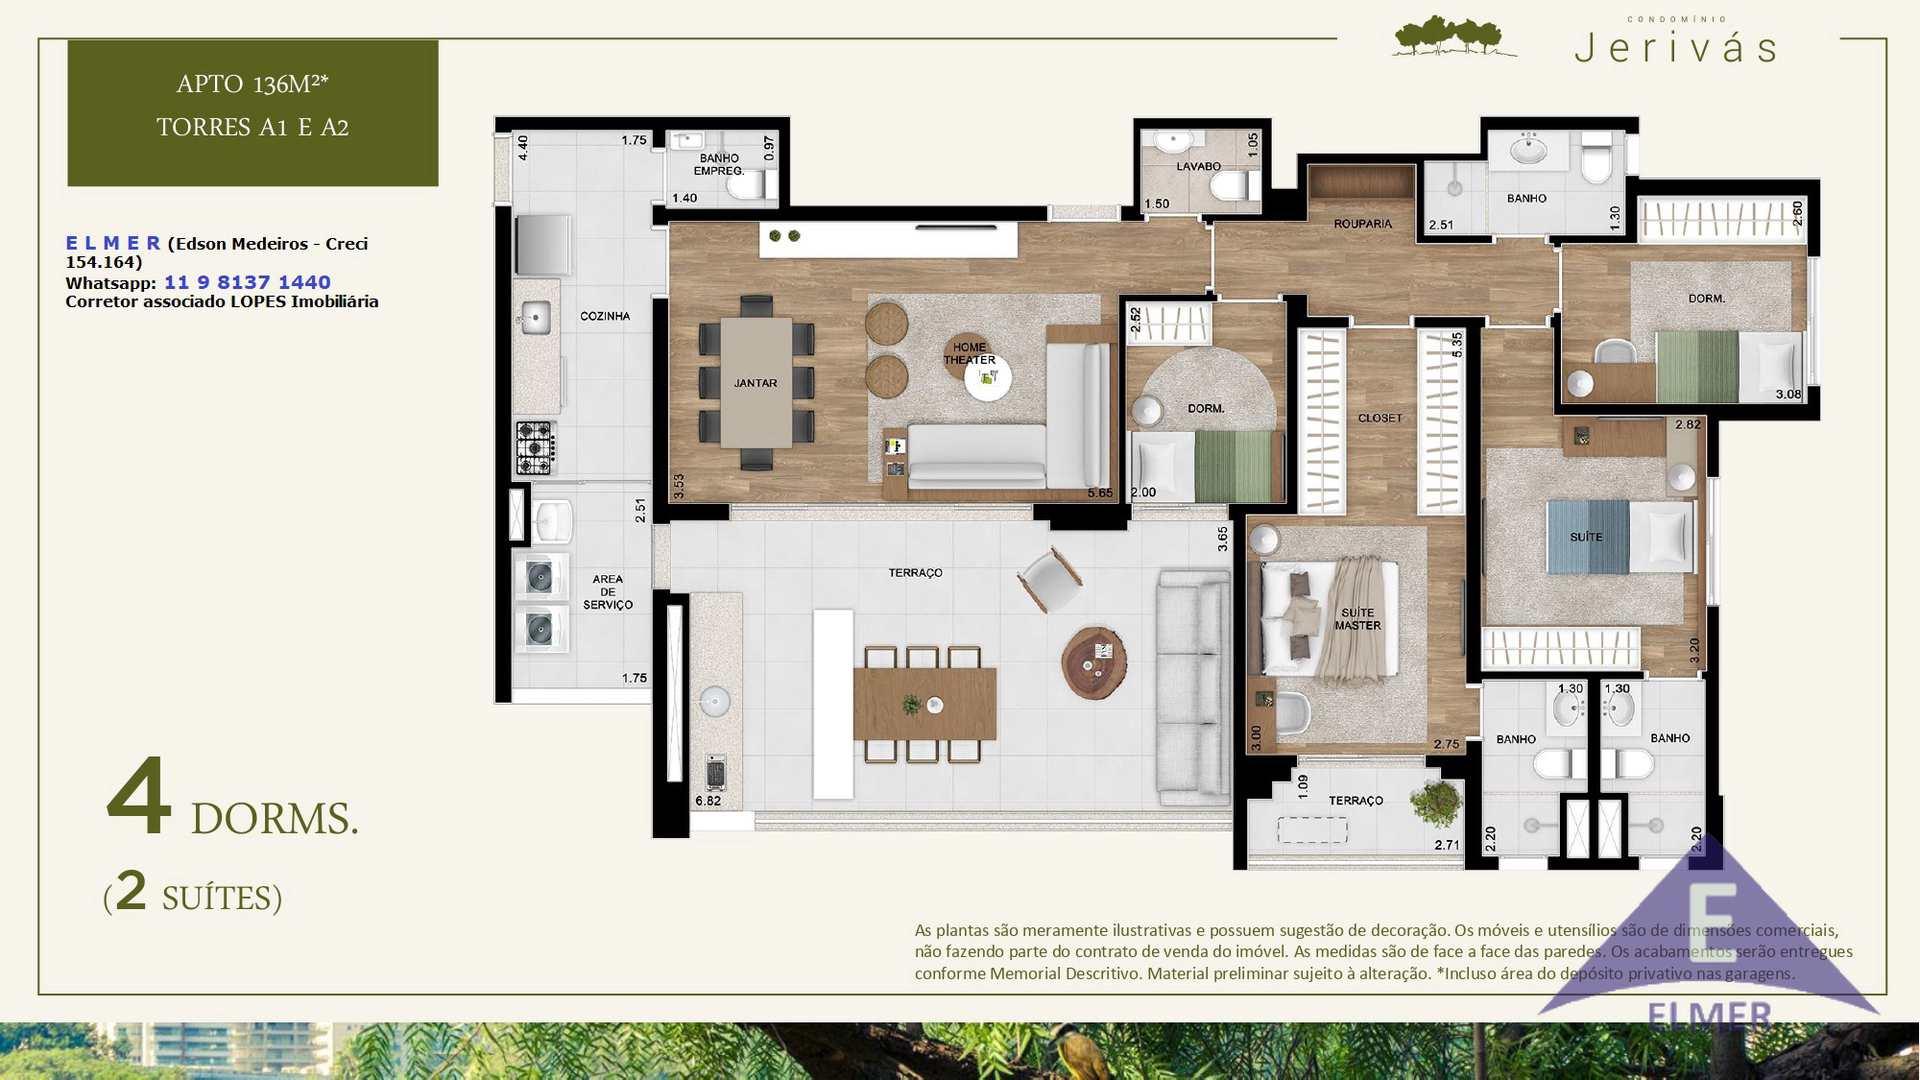 JERIVAS - Planta 136 m² - Torres A1 e A2 - E L M E R